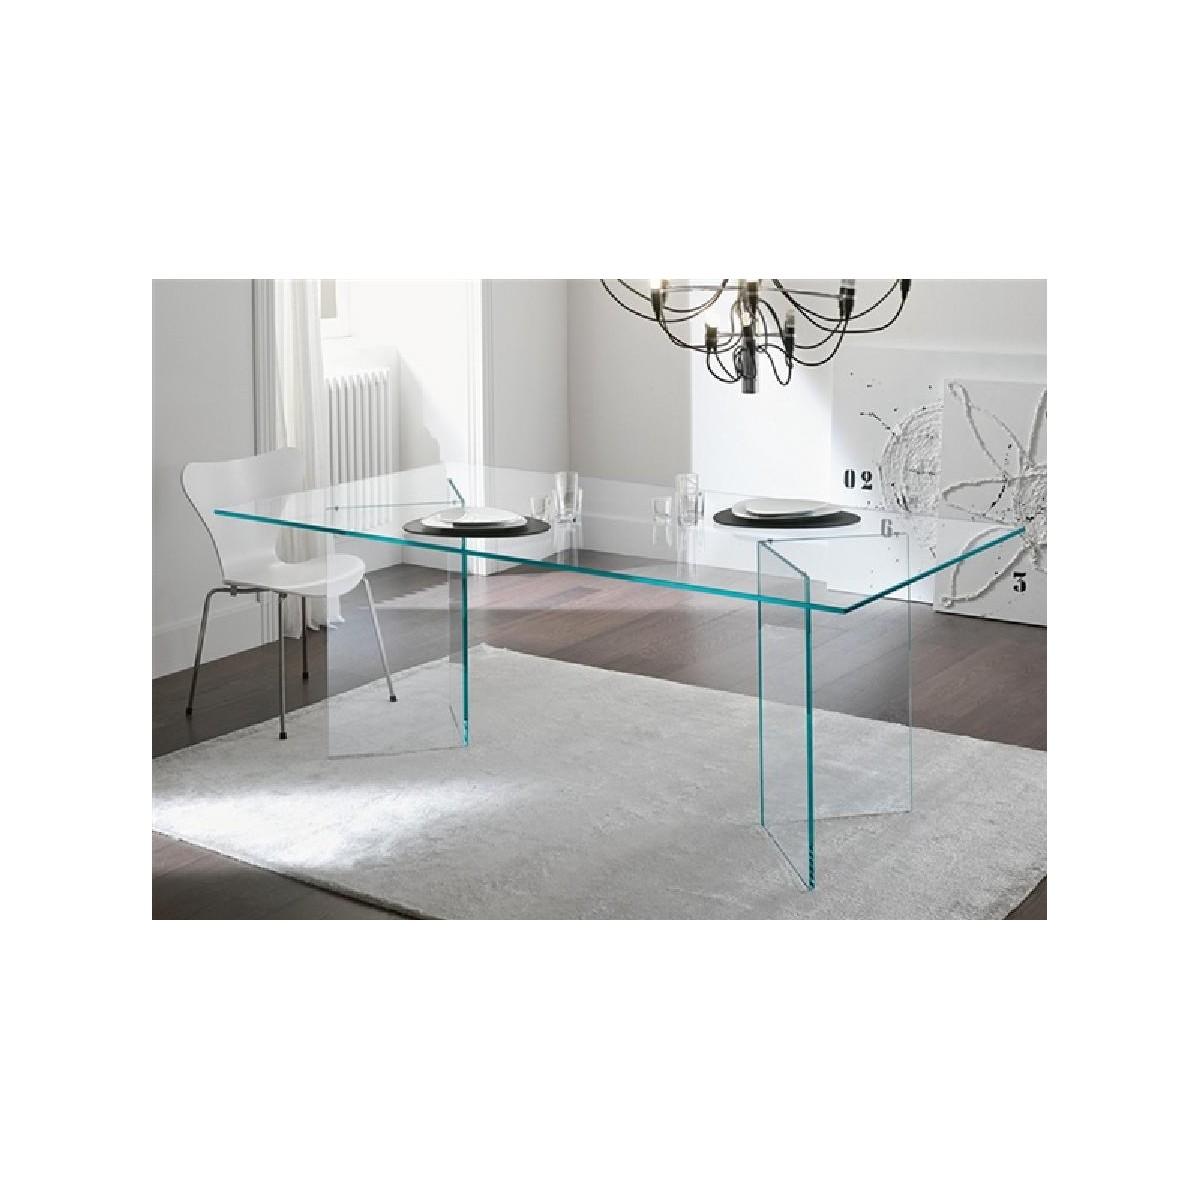 Mesa comedor u oficina moderna cristal de sdm otish for Mesa oficina moderna